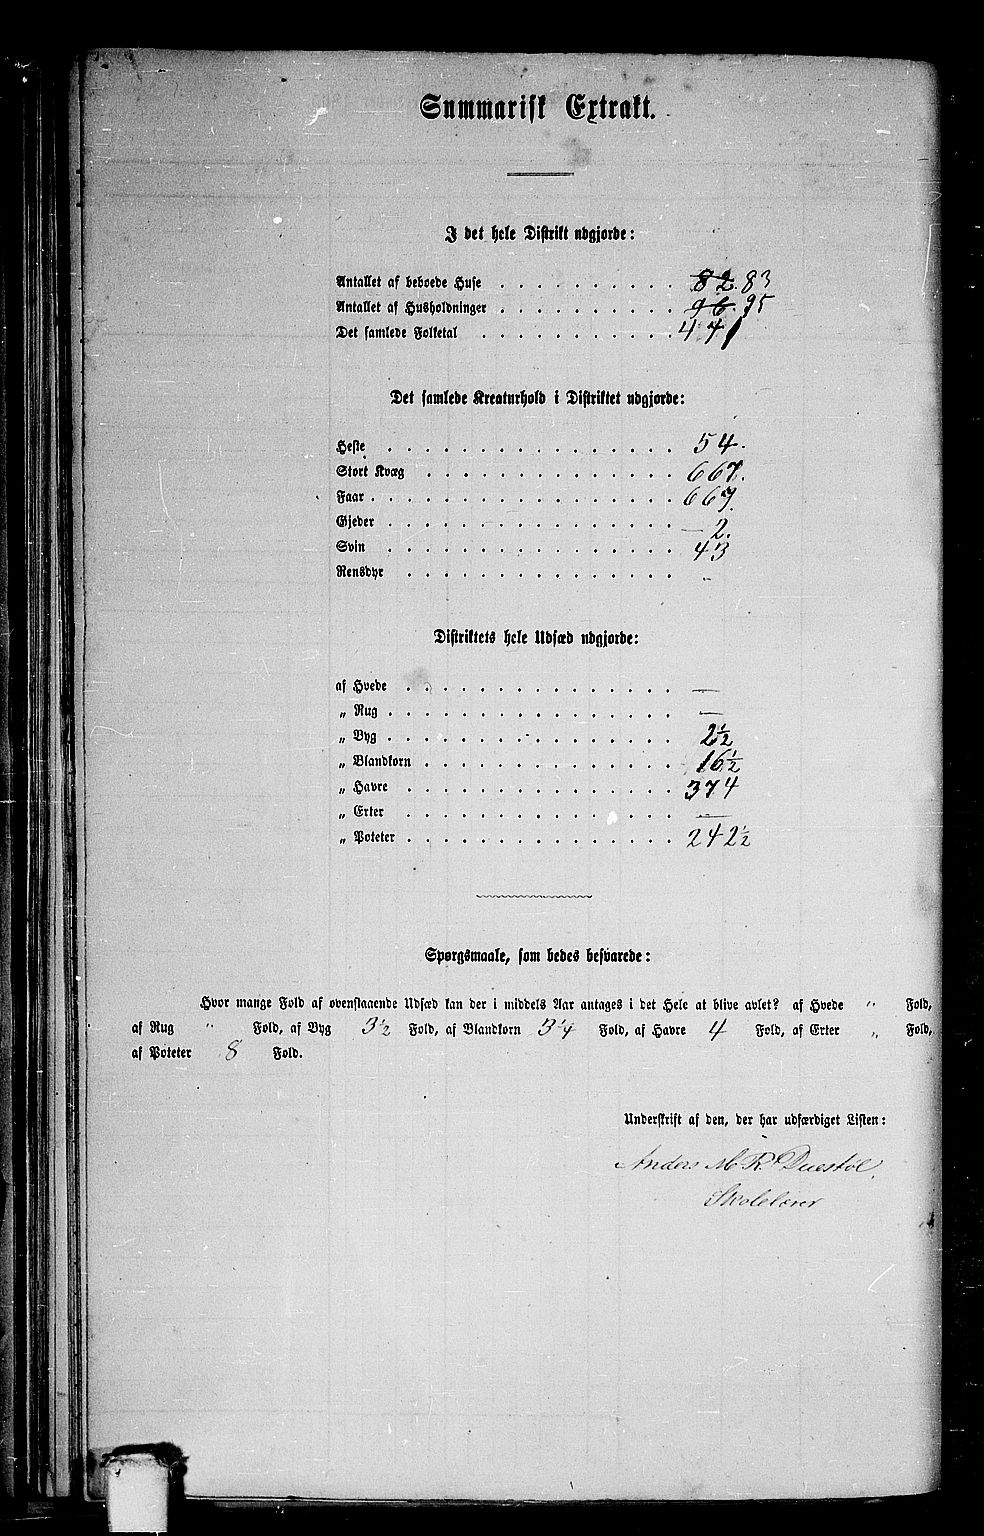 RA, Folketelling 1865 for 1522P Hjørundfjord prestegjeld, 1865, s. 59